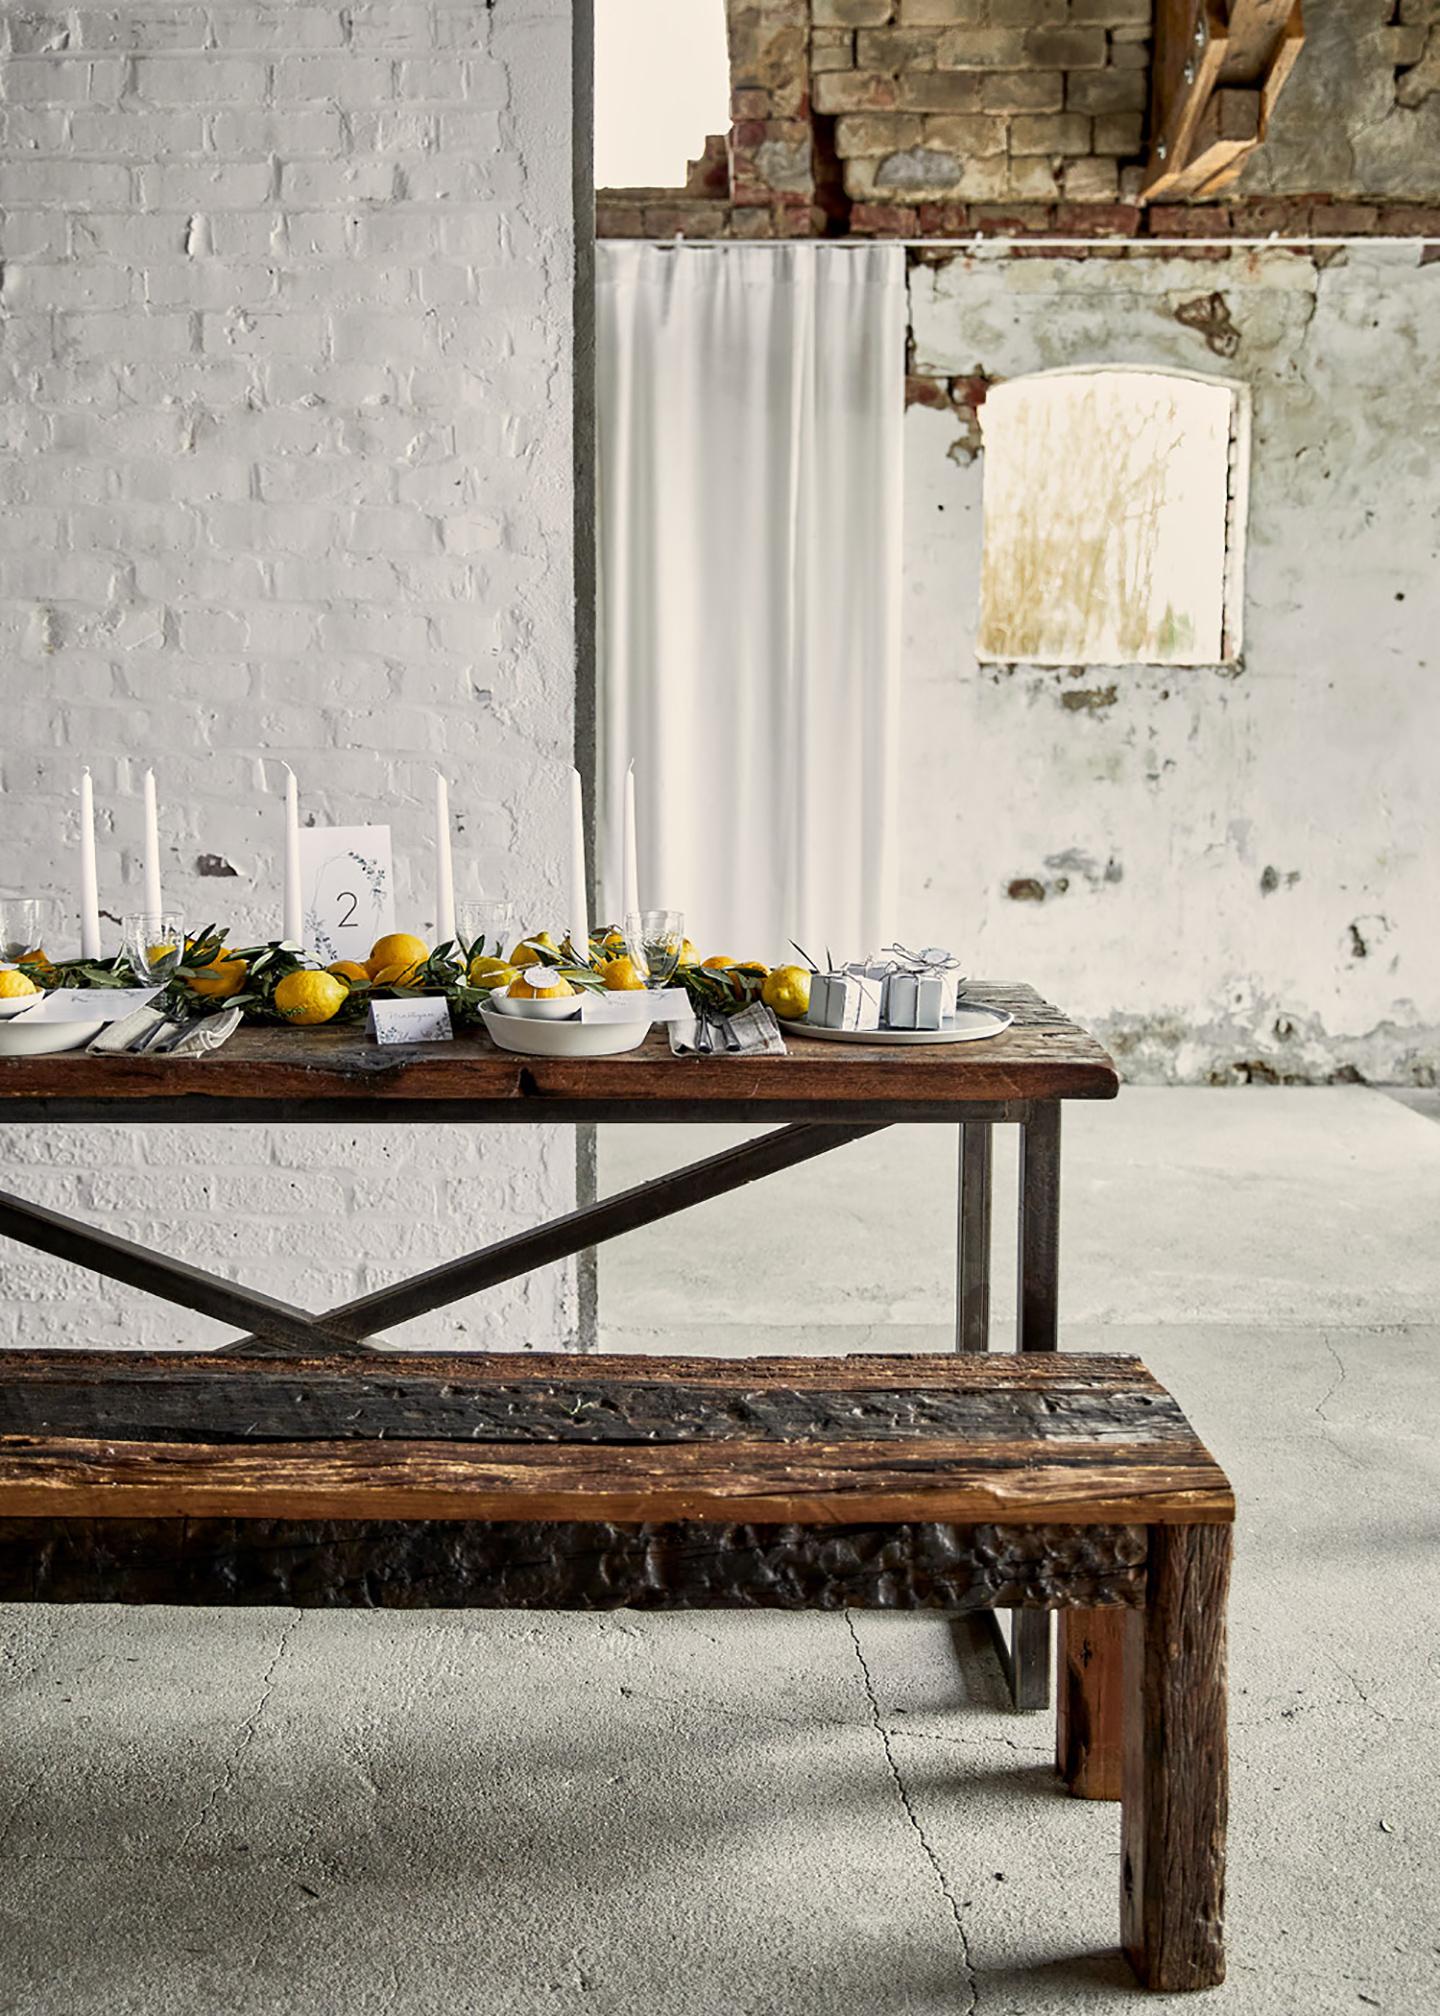 Rustikale Holzbank mit dazu passendem Tisch, dekoriert im schlichten Look mit Zitronen als Haupt-Dekoelement. Die Location ist im Shabby-Look gehalten.